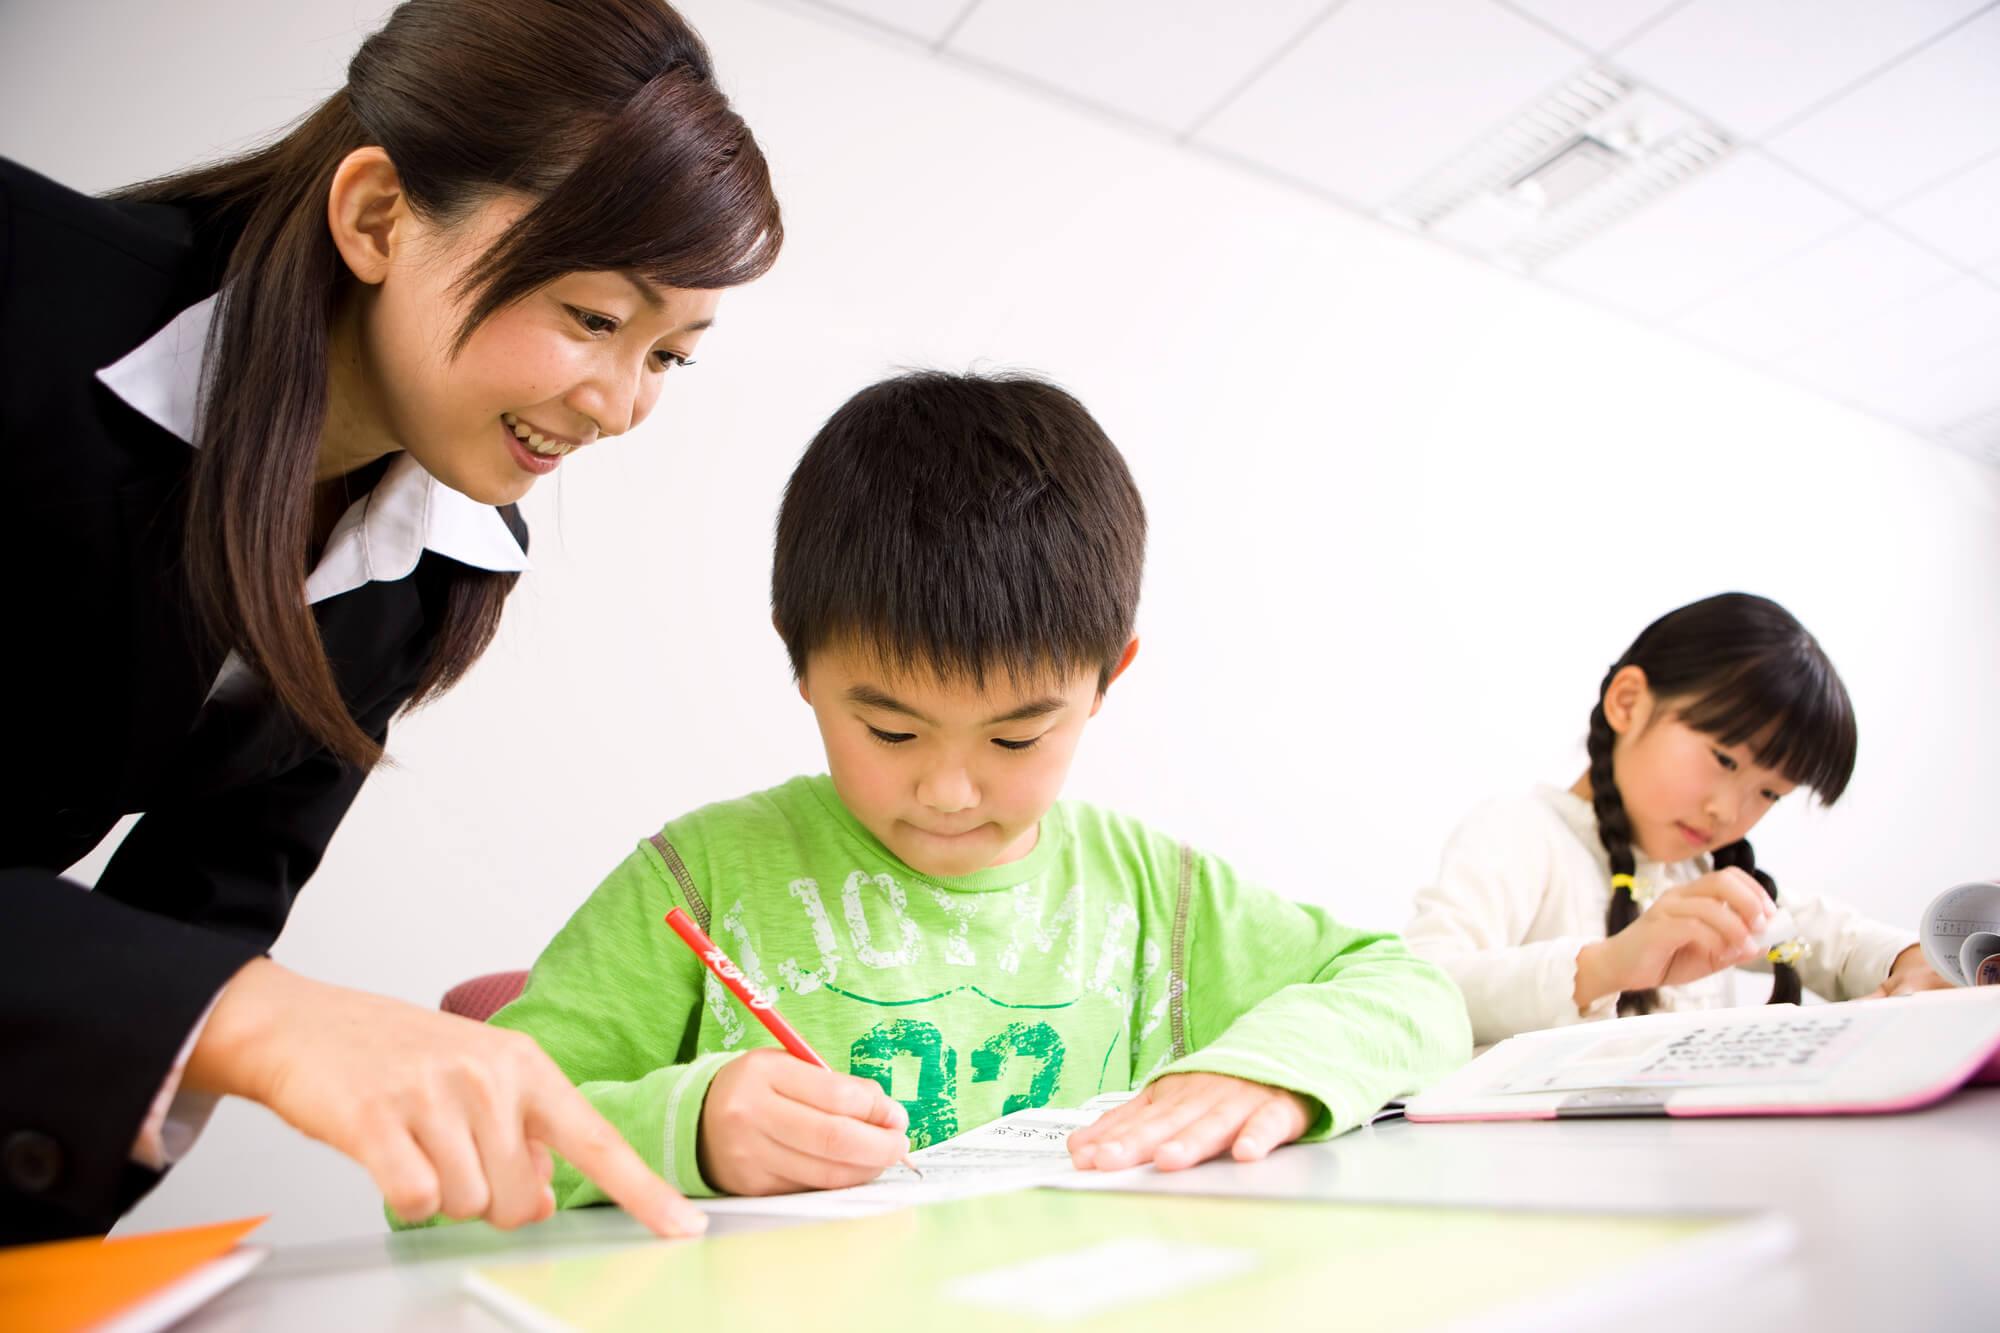 授業を受ける小学生